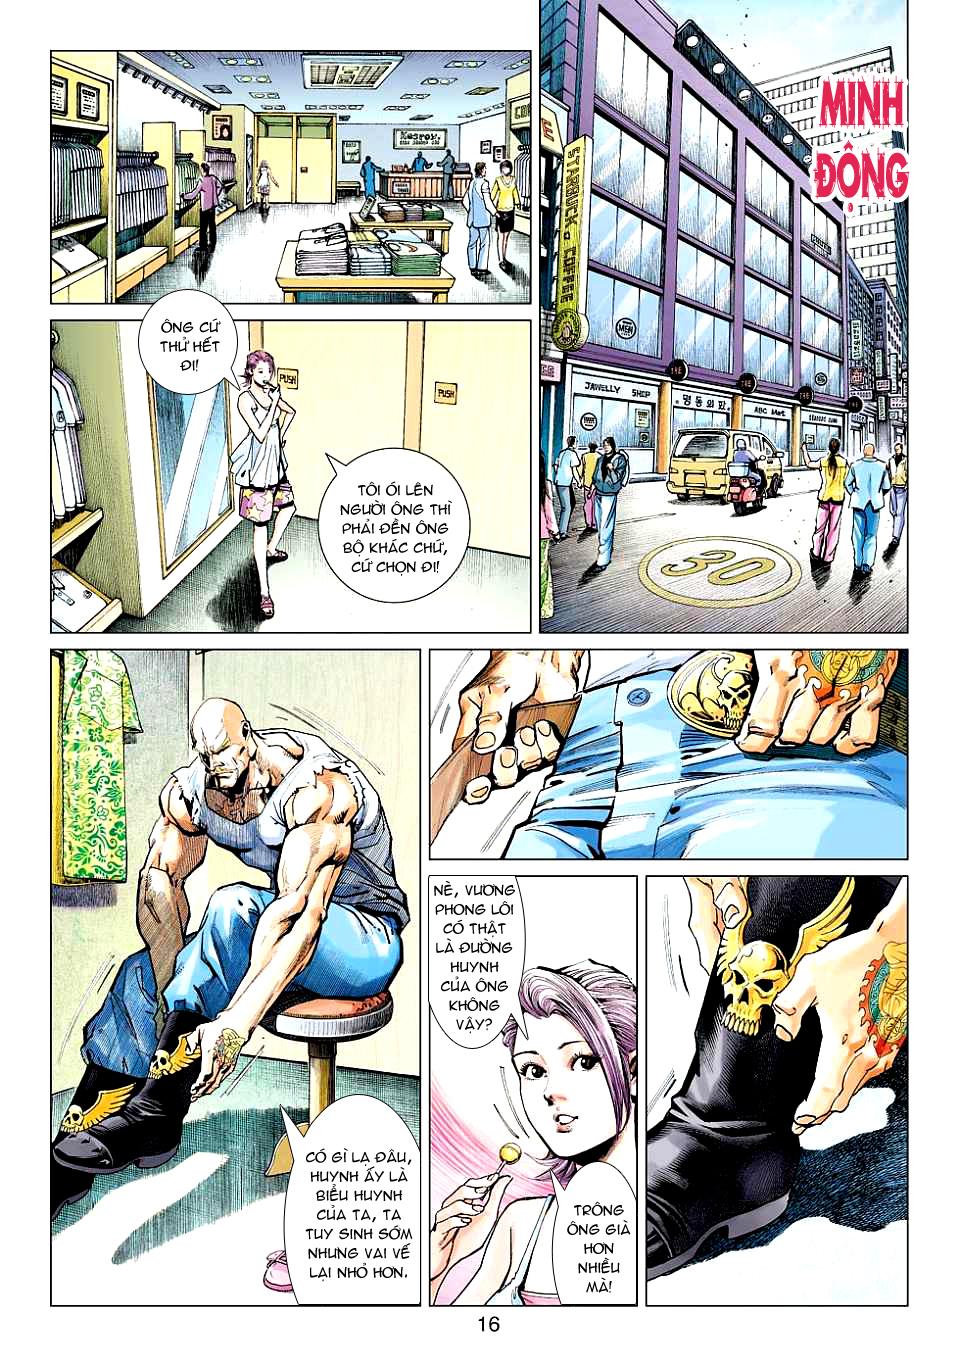 Vương Phong Lôi 1 chap 12 - Trang 15